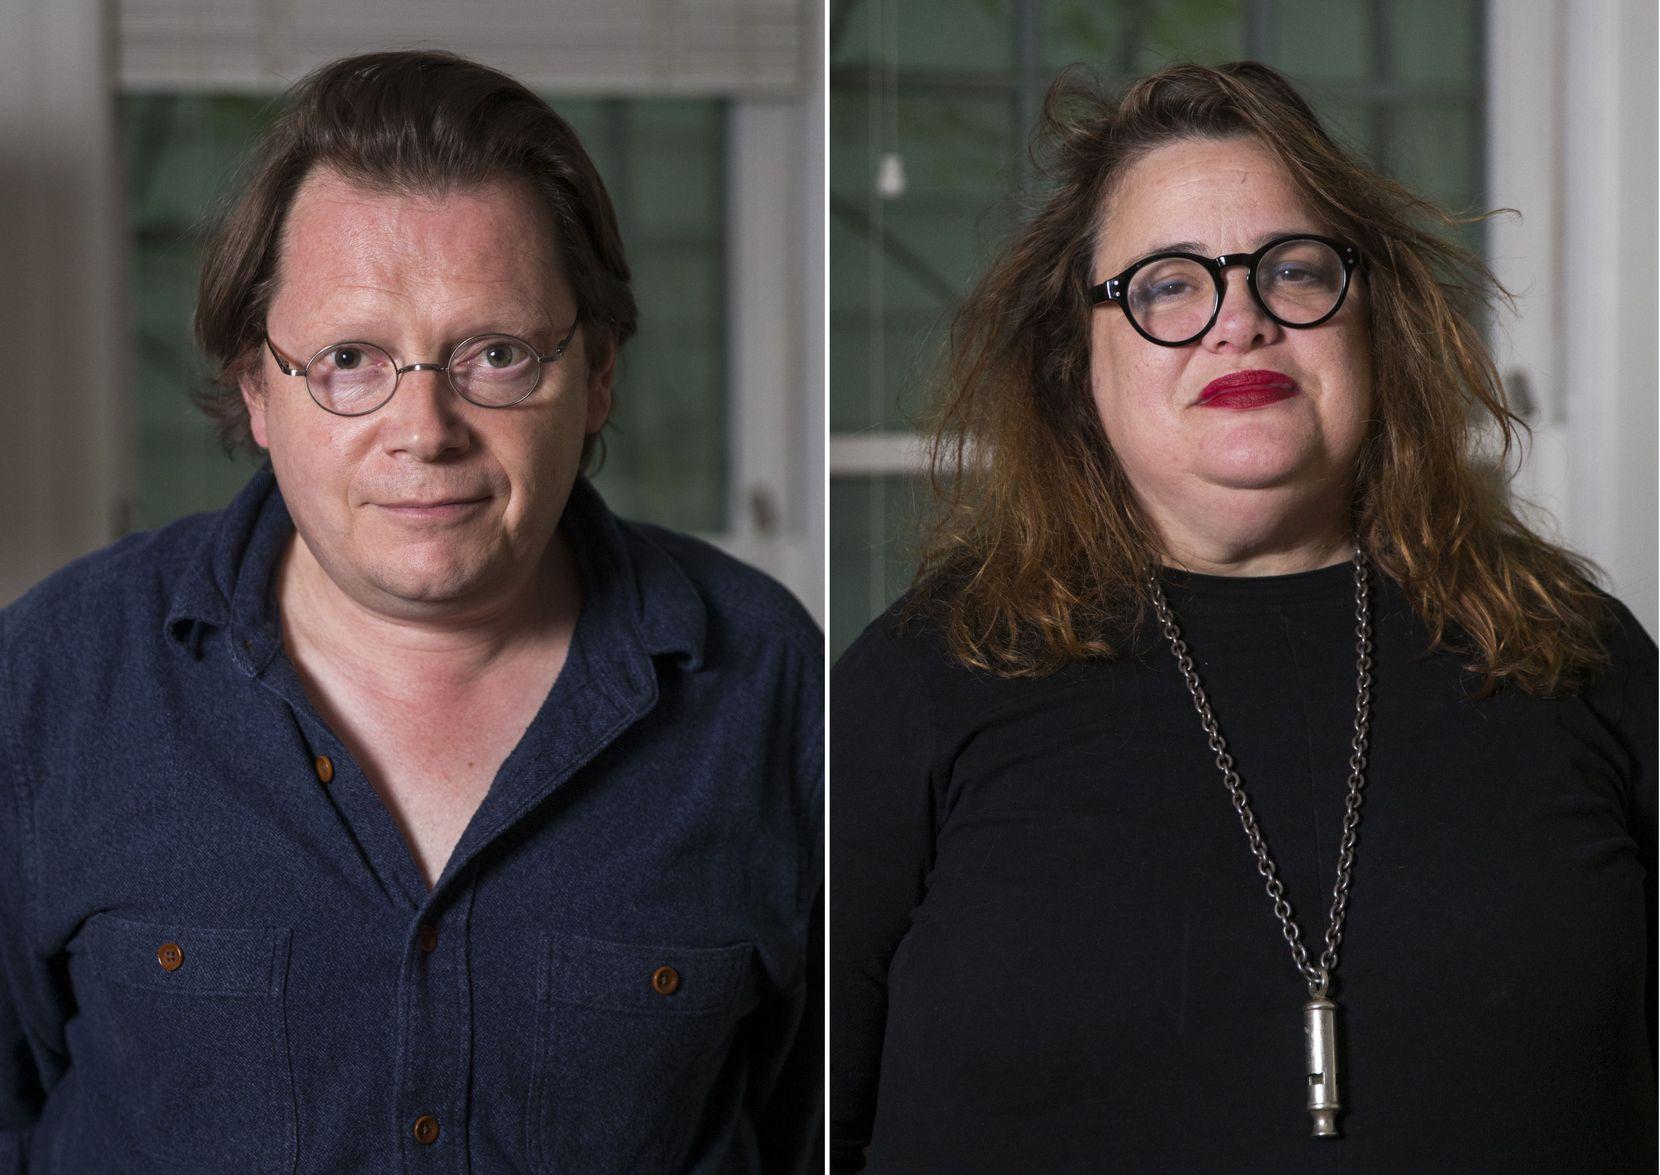 Authors Edward Carey and Elizabeth McCracken.